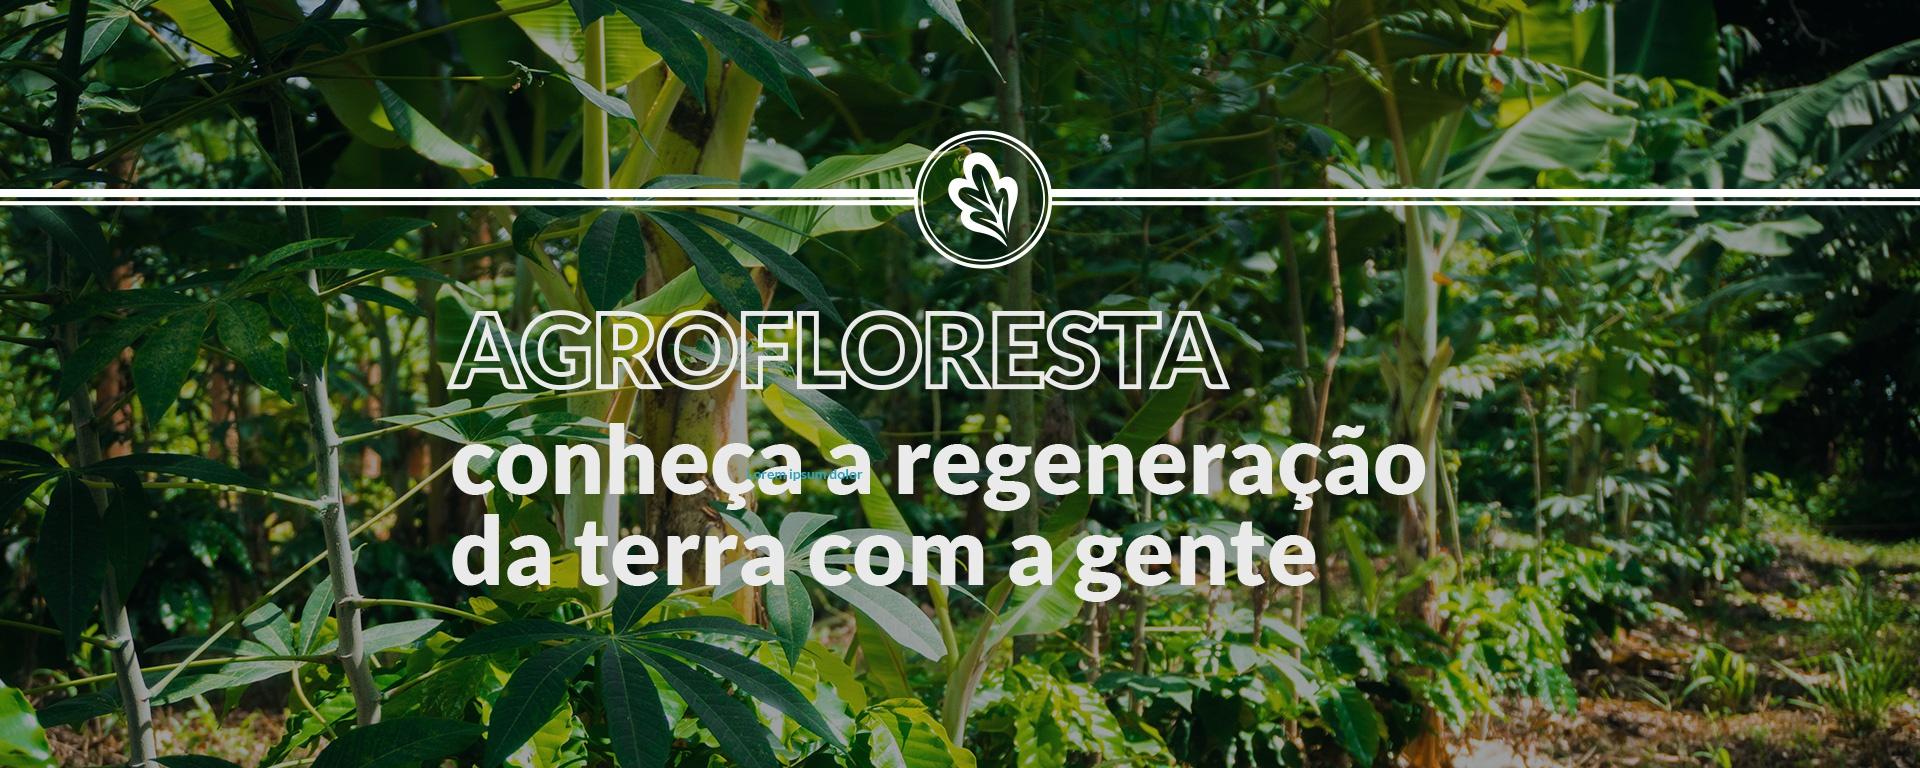 agrofloresta site